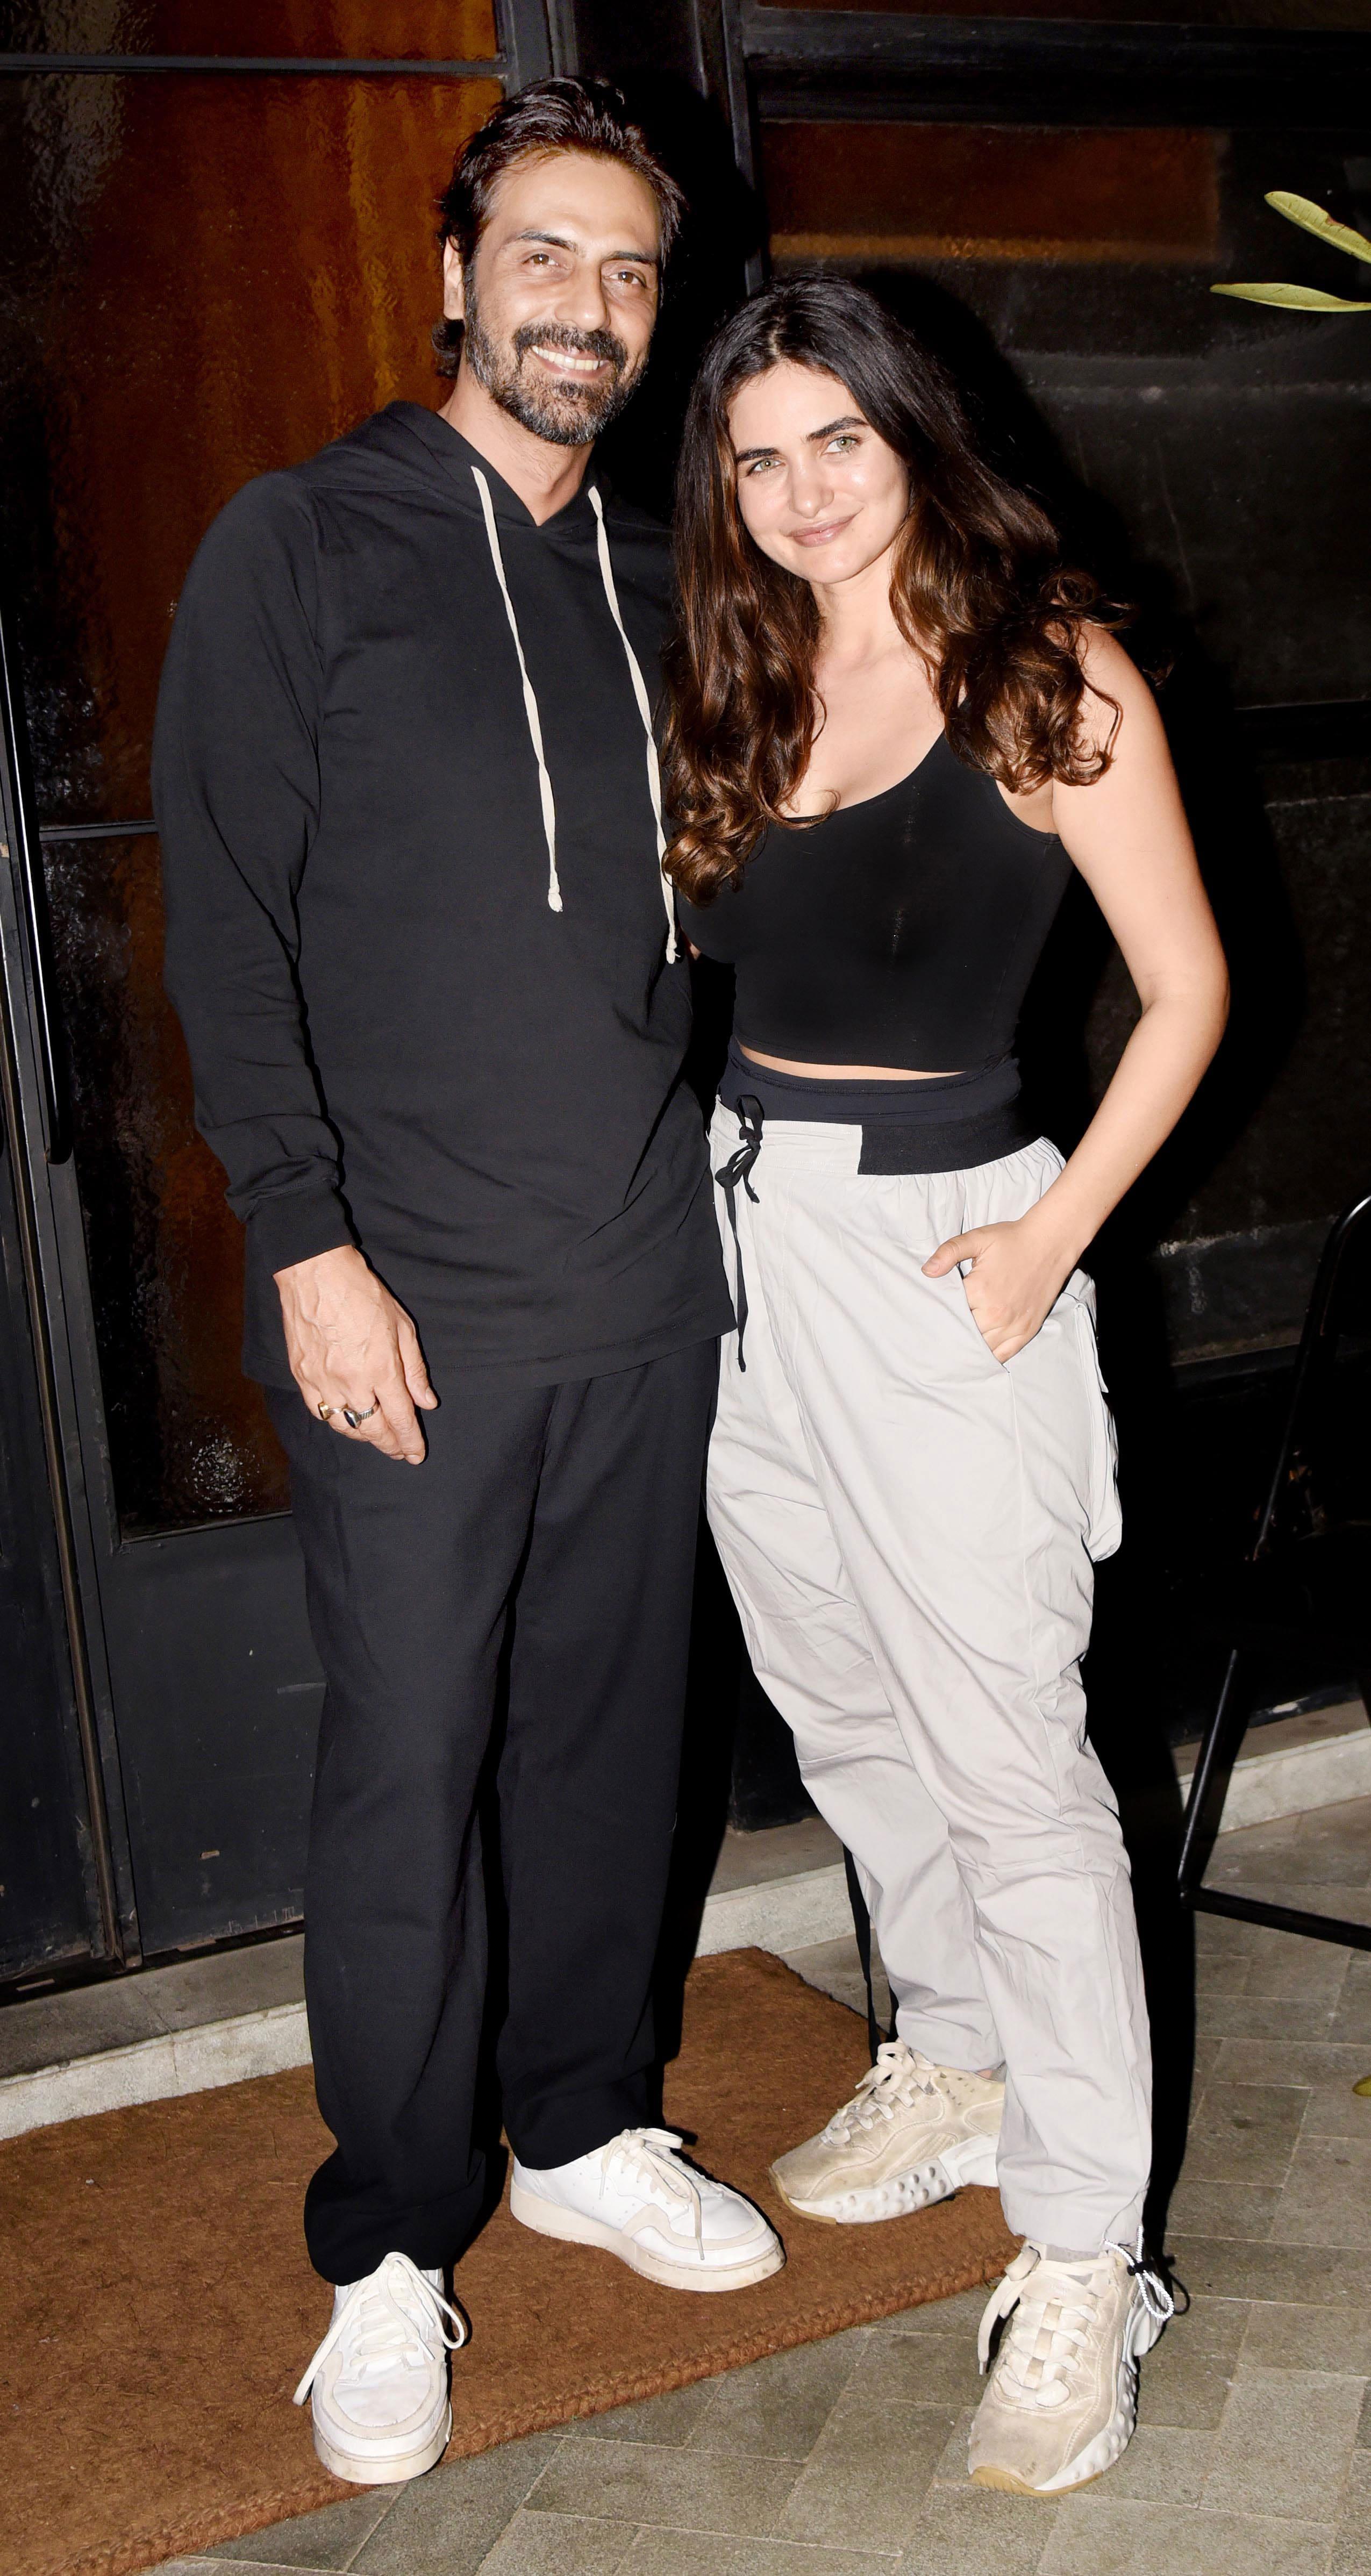 Arjun Rampal and Gabriella Demetriades look fab together